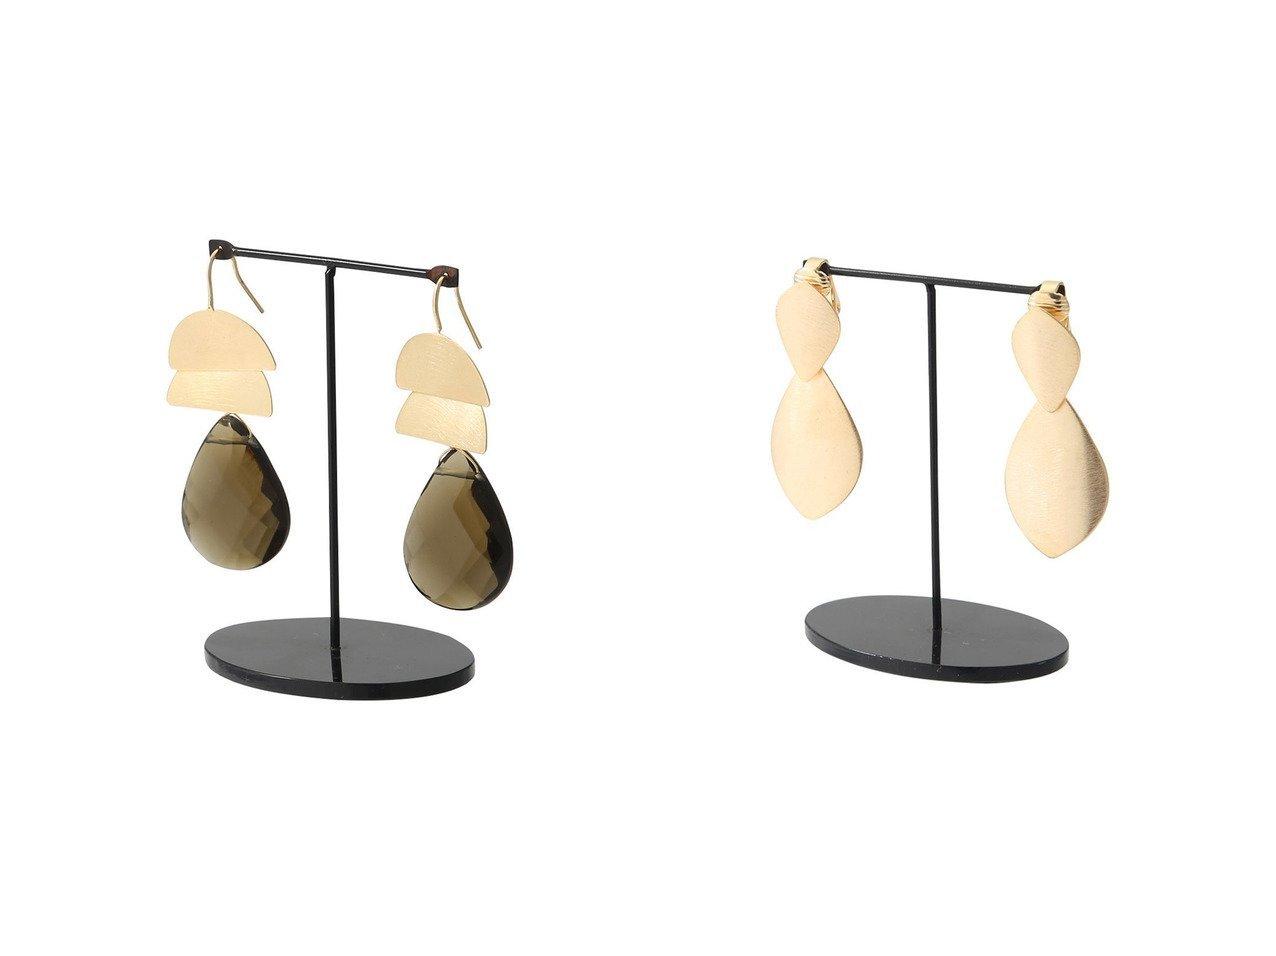 【heliopole/エリオポール】の【ENEIDA FRANCA】プレートXストーンピアス&【ENEIDA FRANCA】プレートクリップ/イヤリング 【アクセサリー・ジュエリー】おすすめ!人気、トレンド・レディースファッションの通販  おすすめで人気の流行・トレンド、ファッションの通販商品 インテリア・家具・メンズファッション・キッズファッション・レディースファッション・服の通販 founy(ファニー) https://founy.com/ ファッション Fashion レディースファッション WOMEN ジュエリー Jewelry リング Rings イヤリング Earrings イヤリング コレクション ストーン パーティ プレート モダン モチーフ リラックス |ID:crp329100000062436